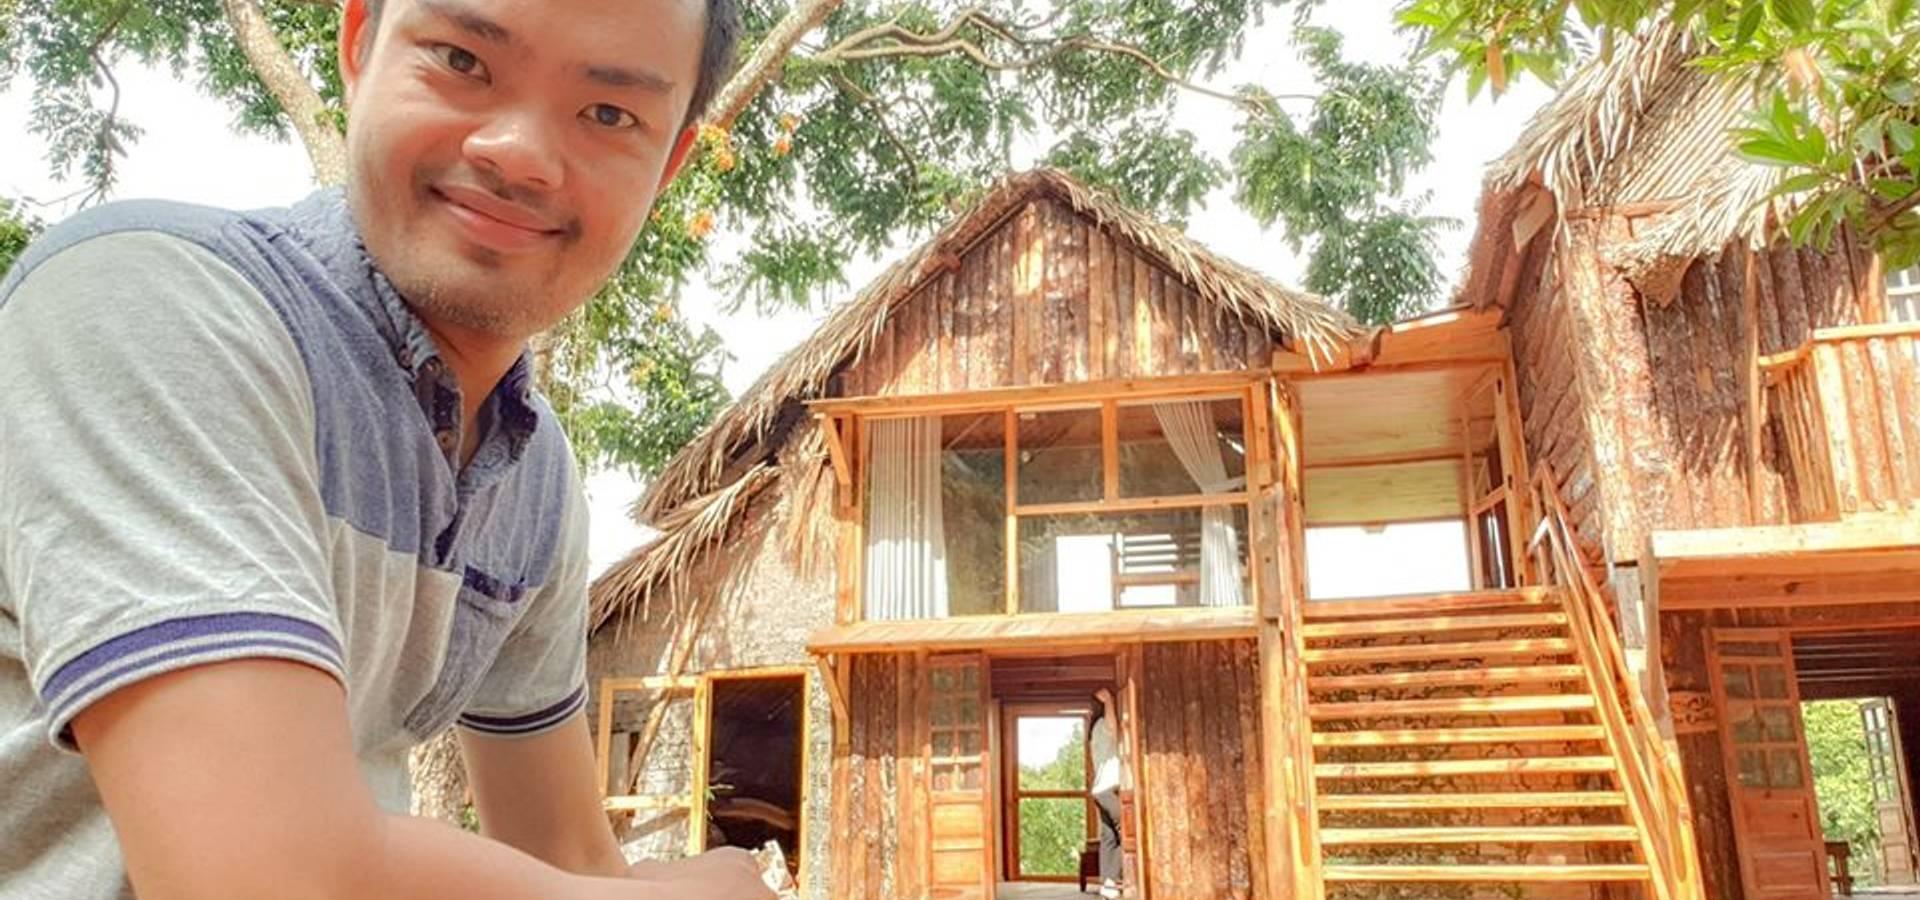 Phạm Thanh Tùng—Tùng Kiến Trúc